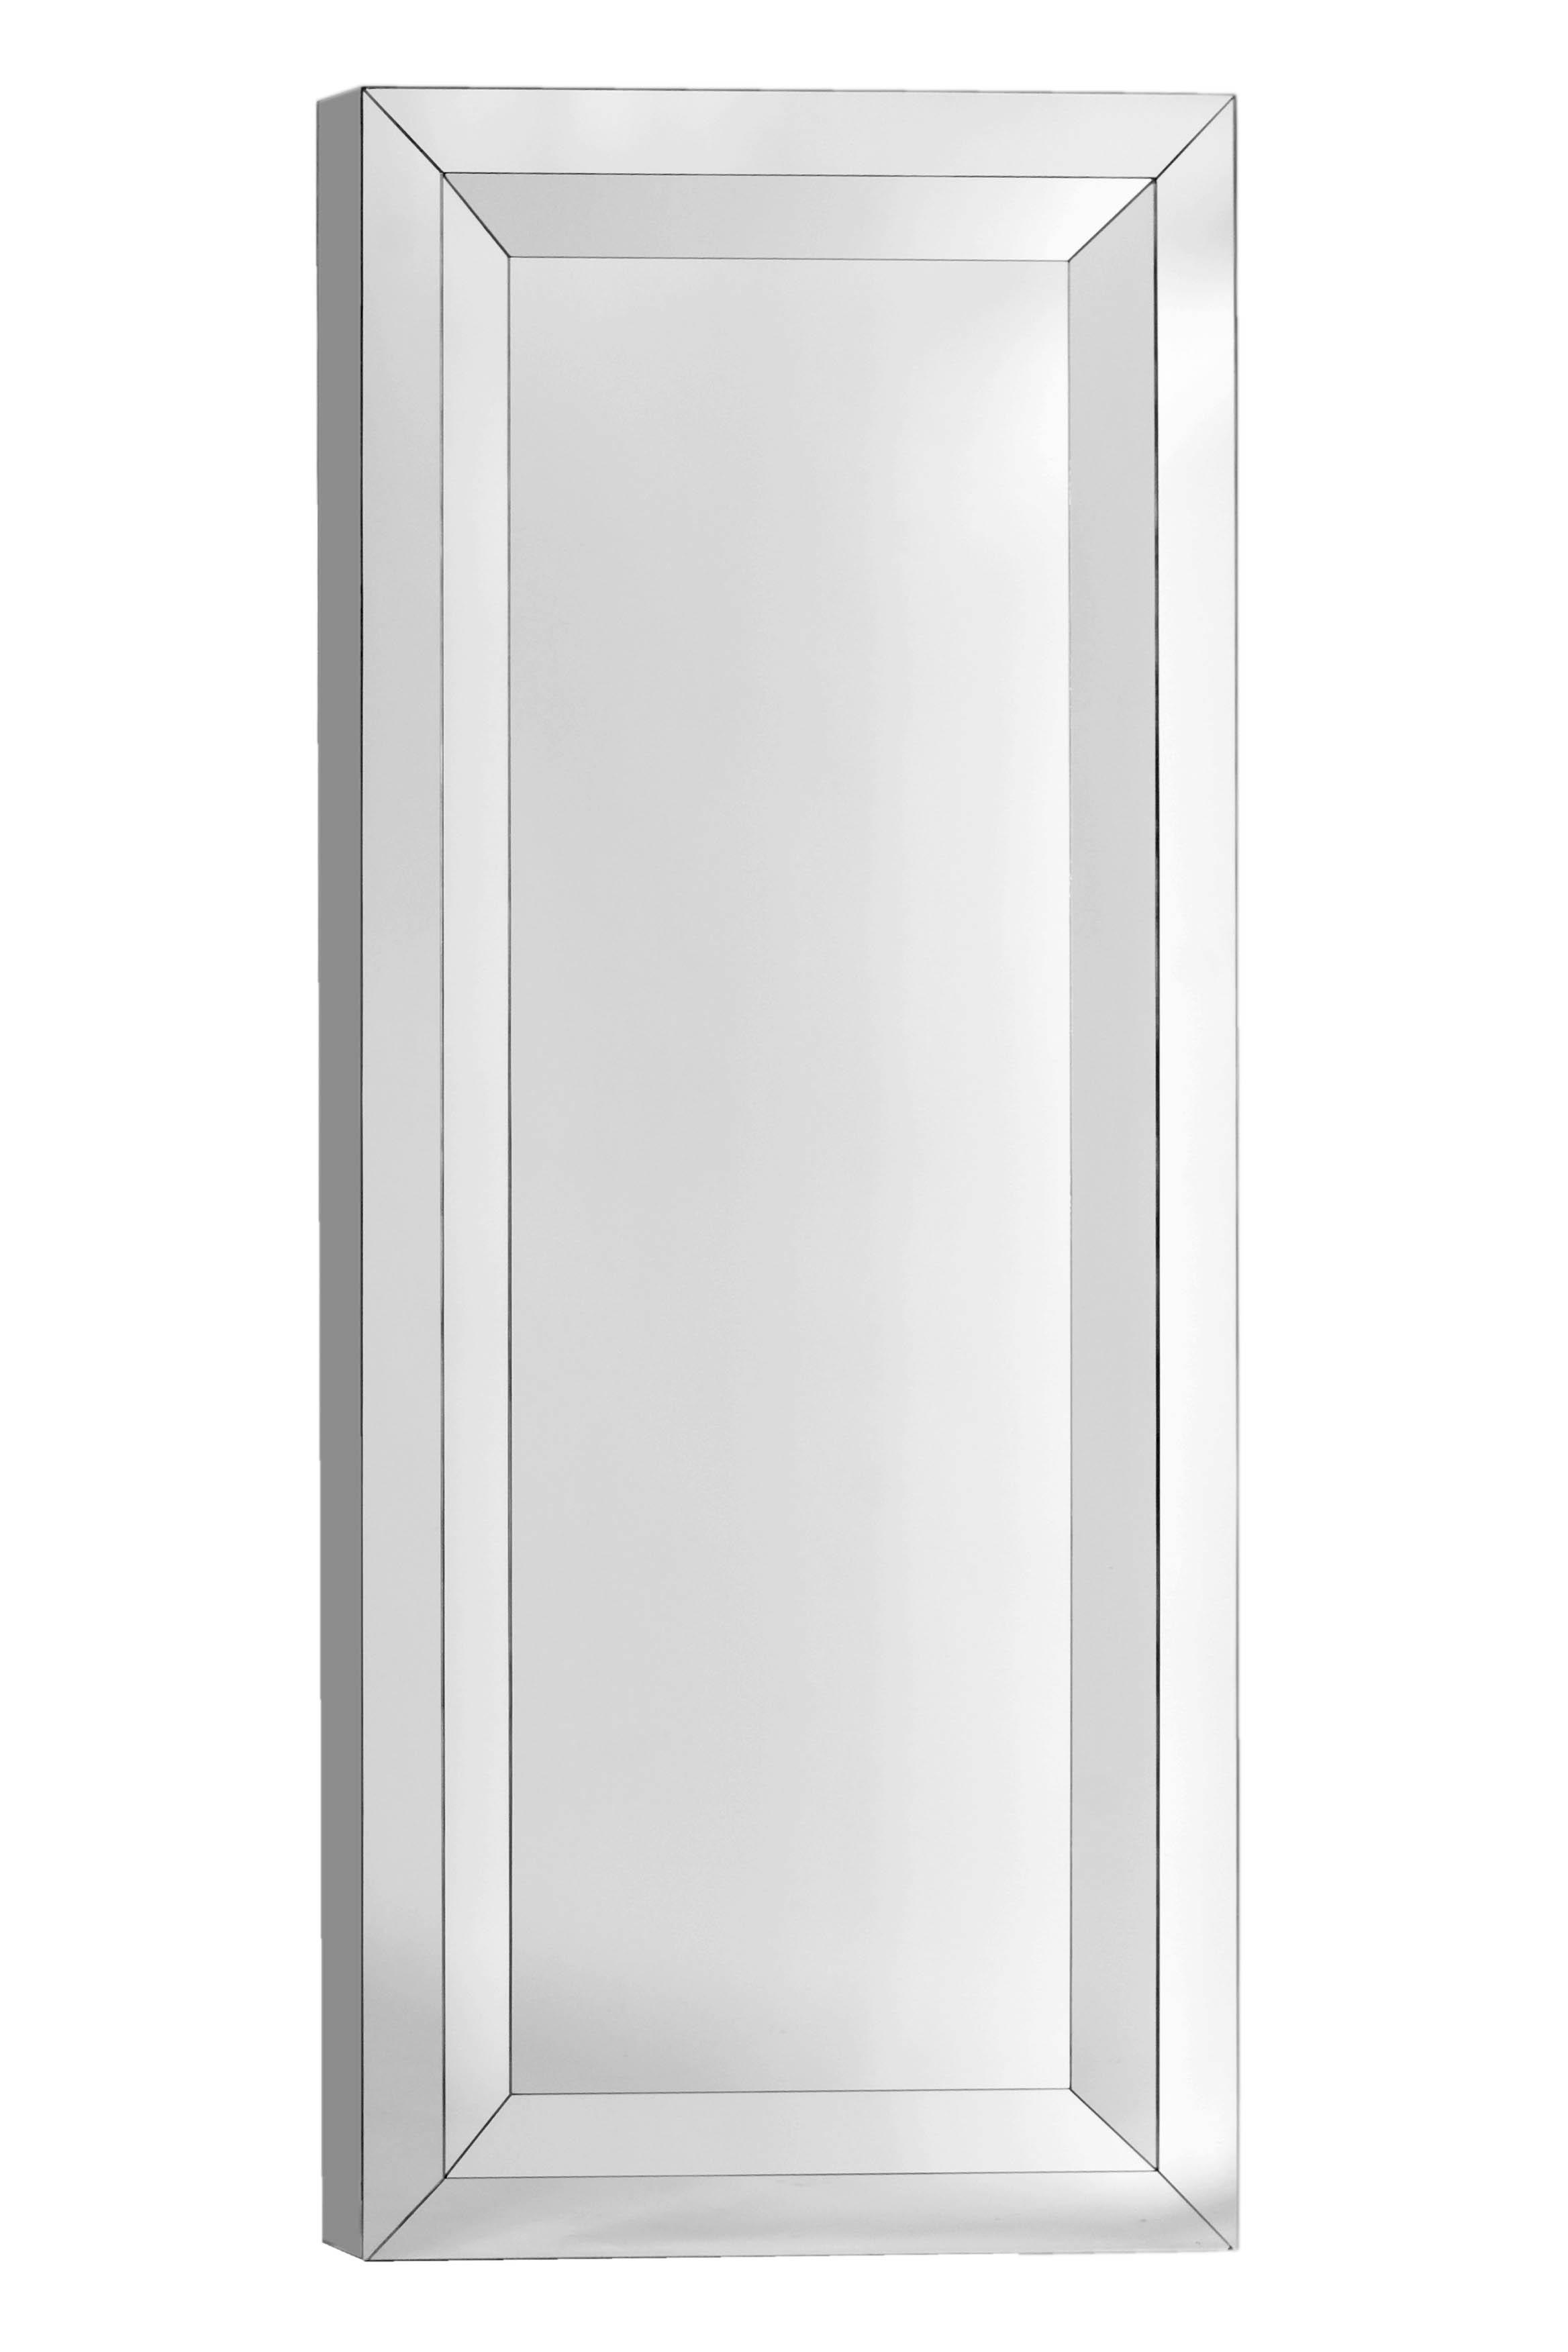 Giant Bevel Mirror.jpg